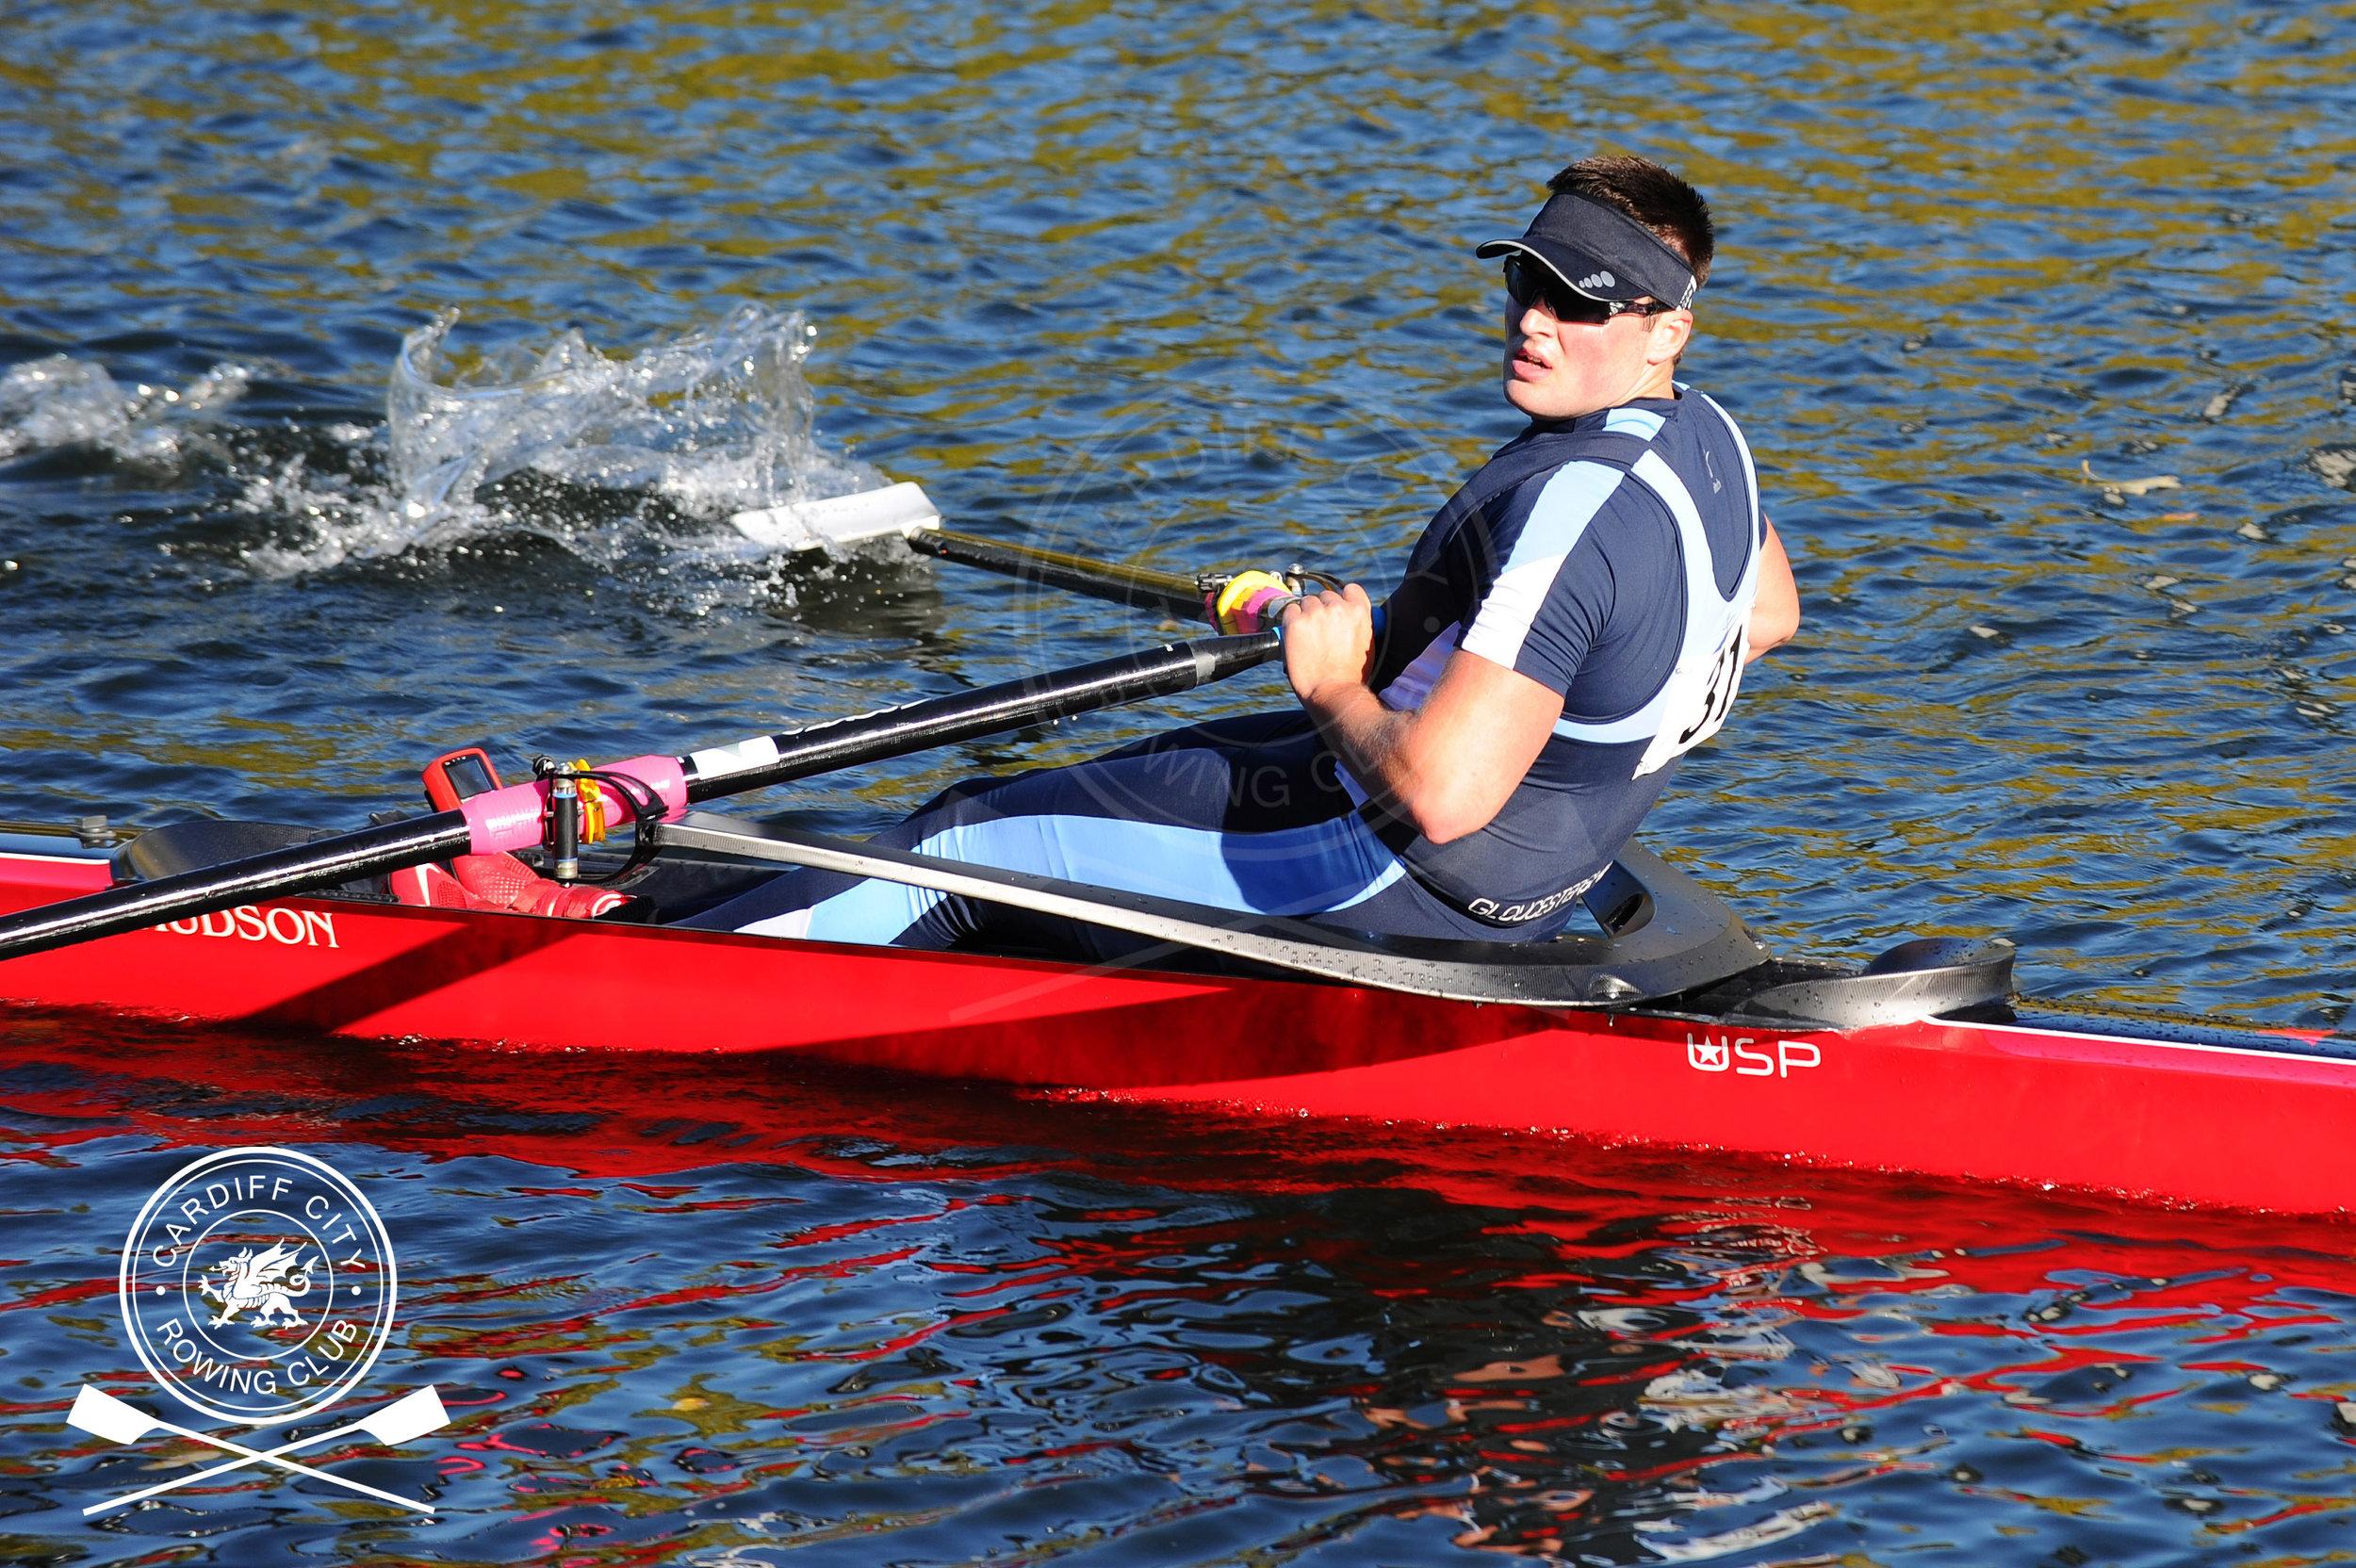 Cardiff_City_Head_Race_81.jpg